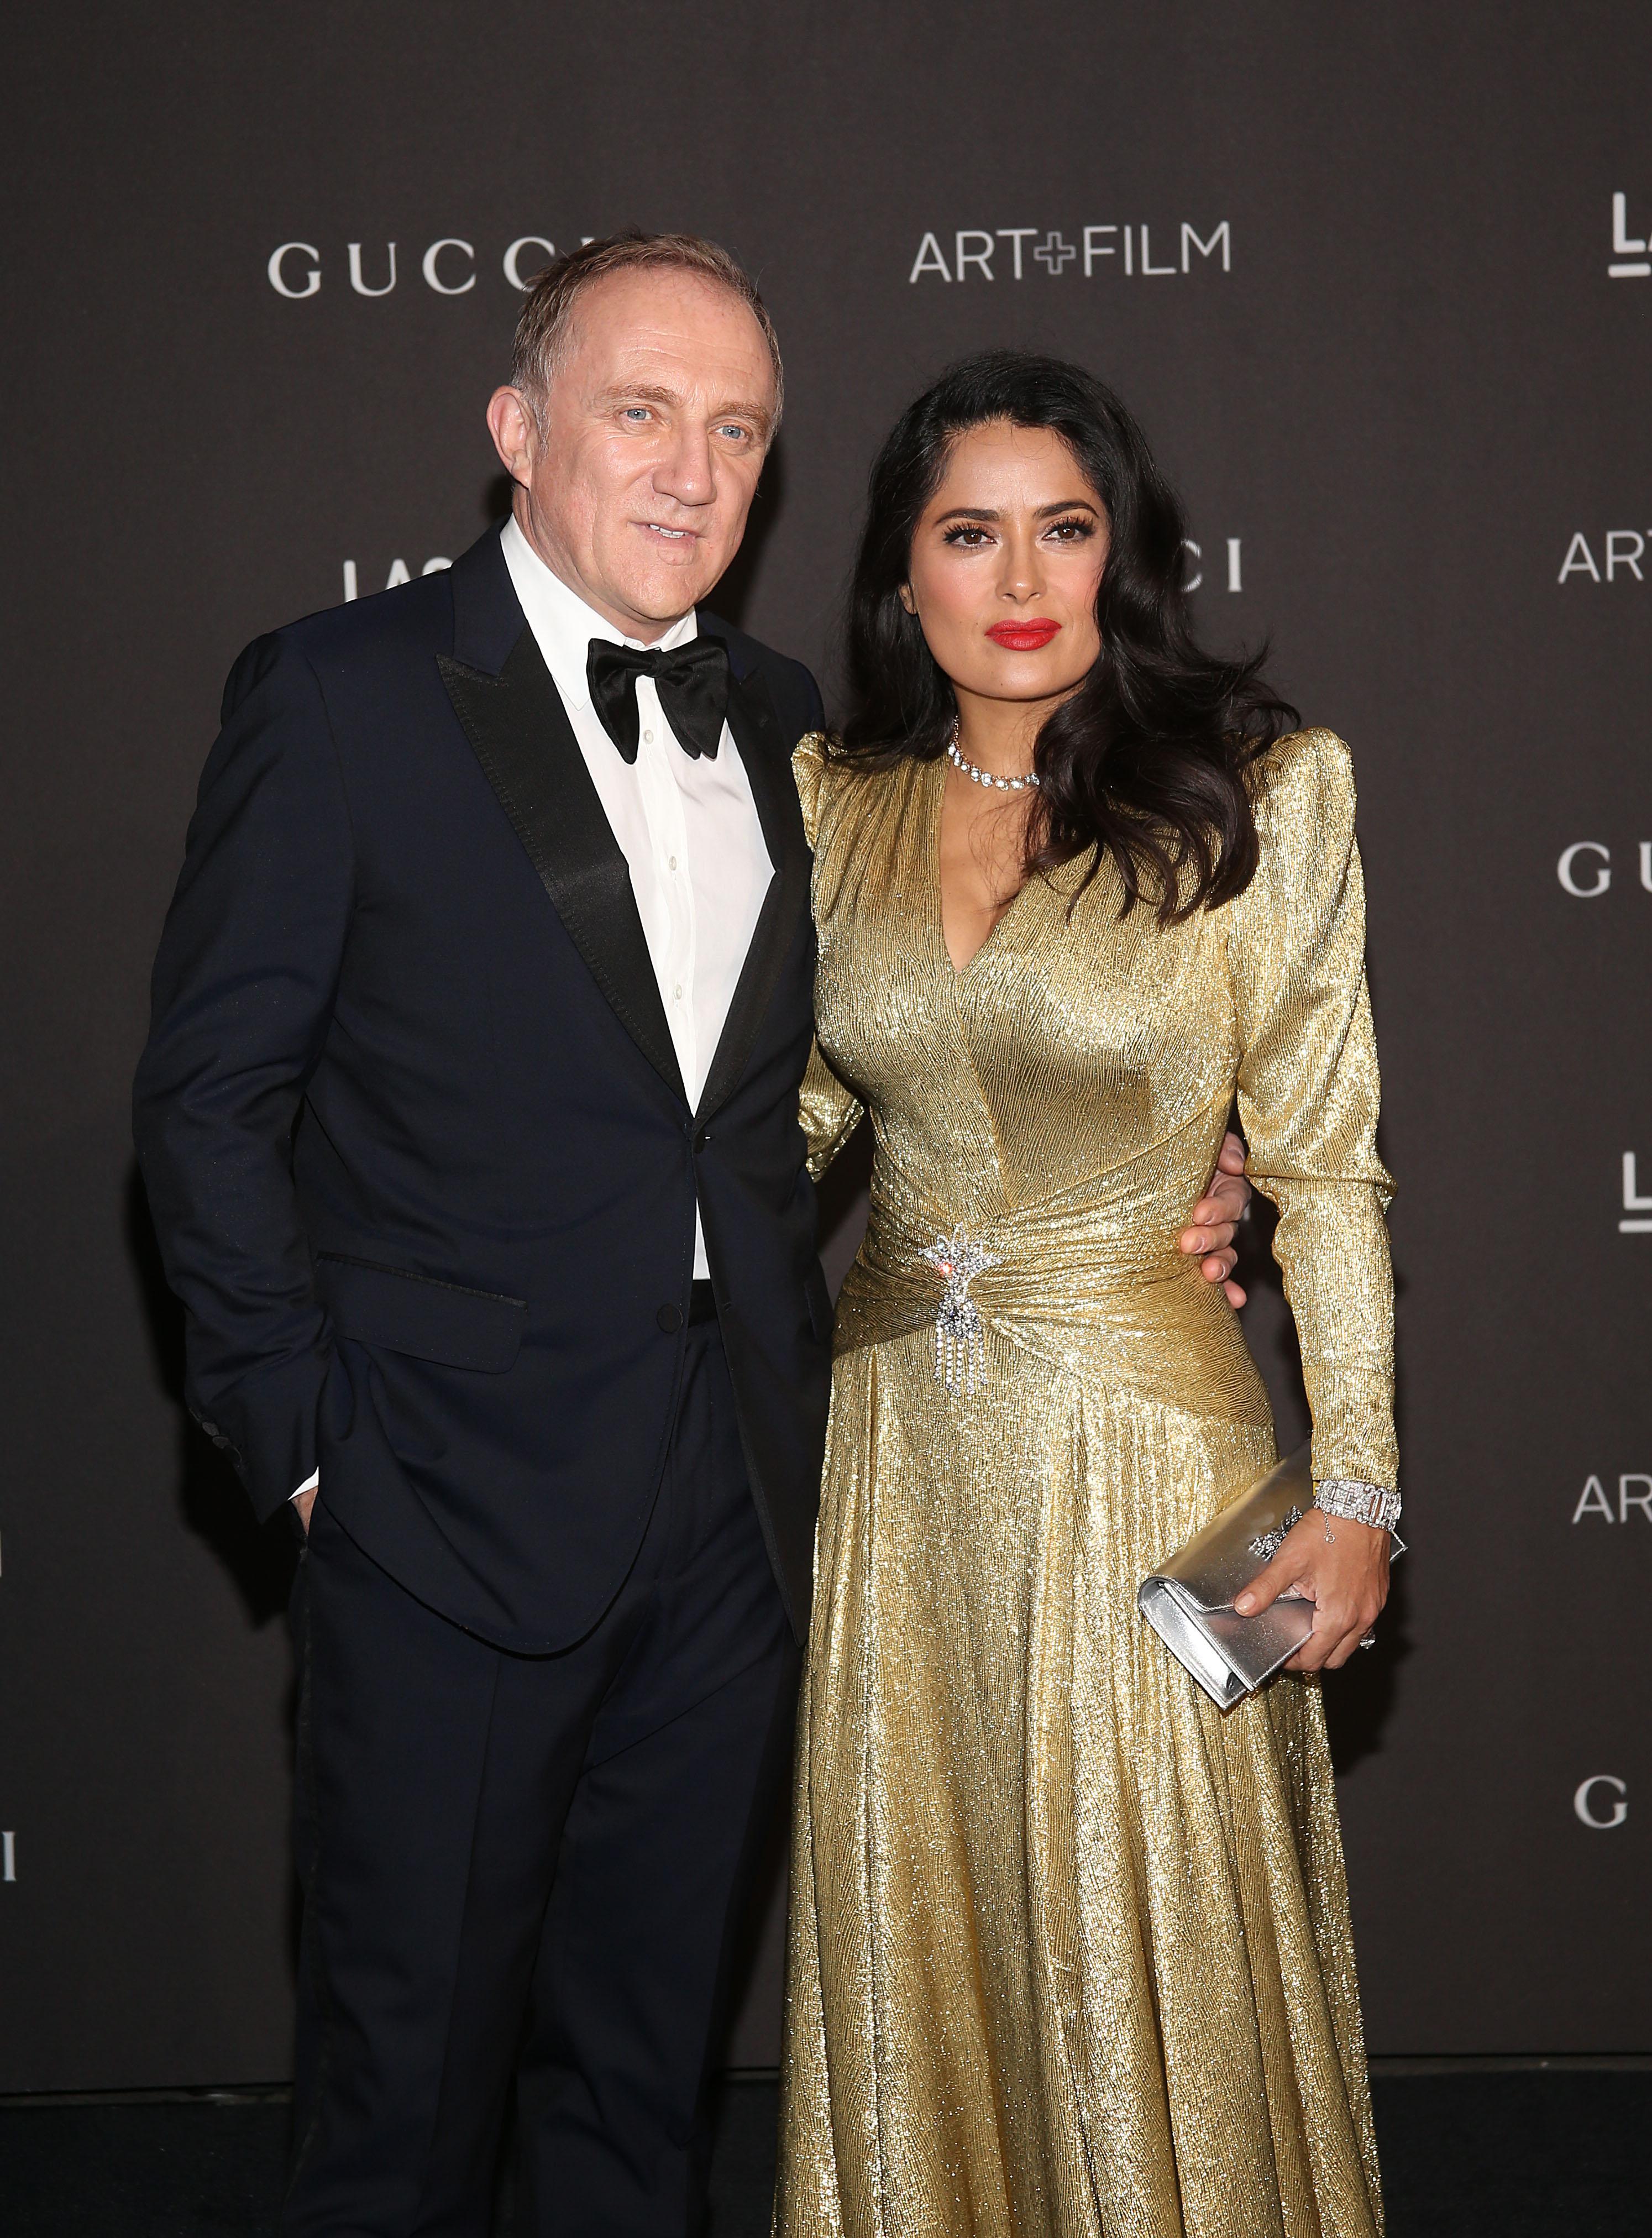 <p><strong>Салма Хайек и Франсоа-Анри Пино</strong></p>  <p>Една от най-красивите жени в Холивуд споделя едно легло със съпруга си вече 12 години. Връзката ѝ с милиардера е една от най-обсъжданите в светските издания заради липсата на вътрешна информация.</p>